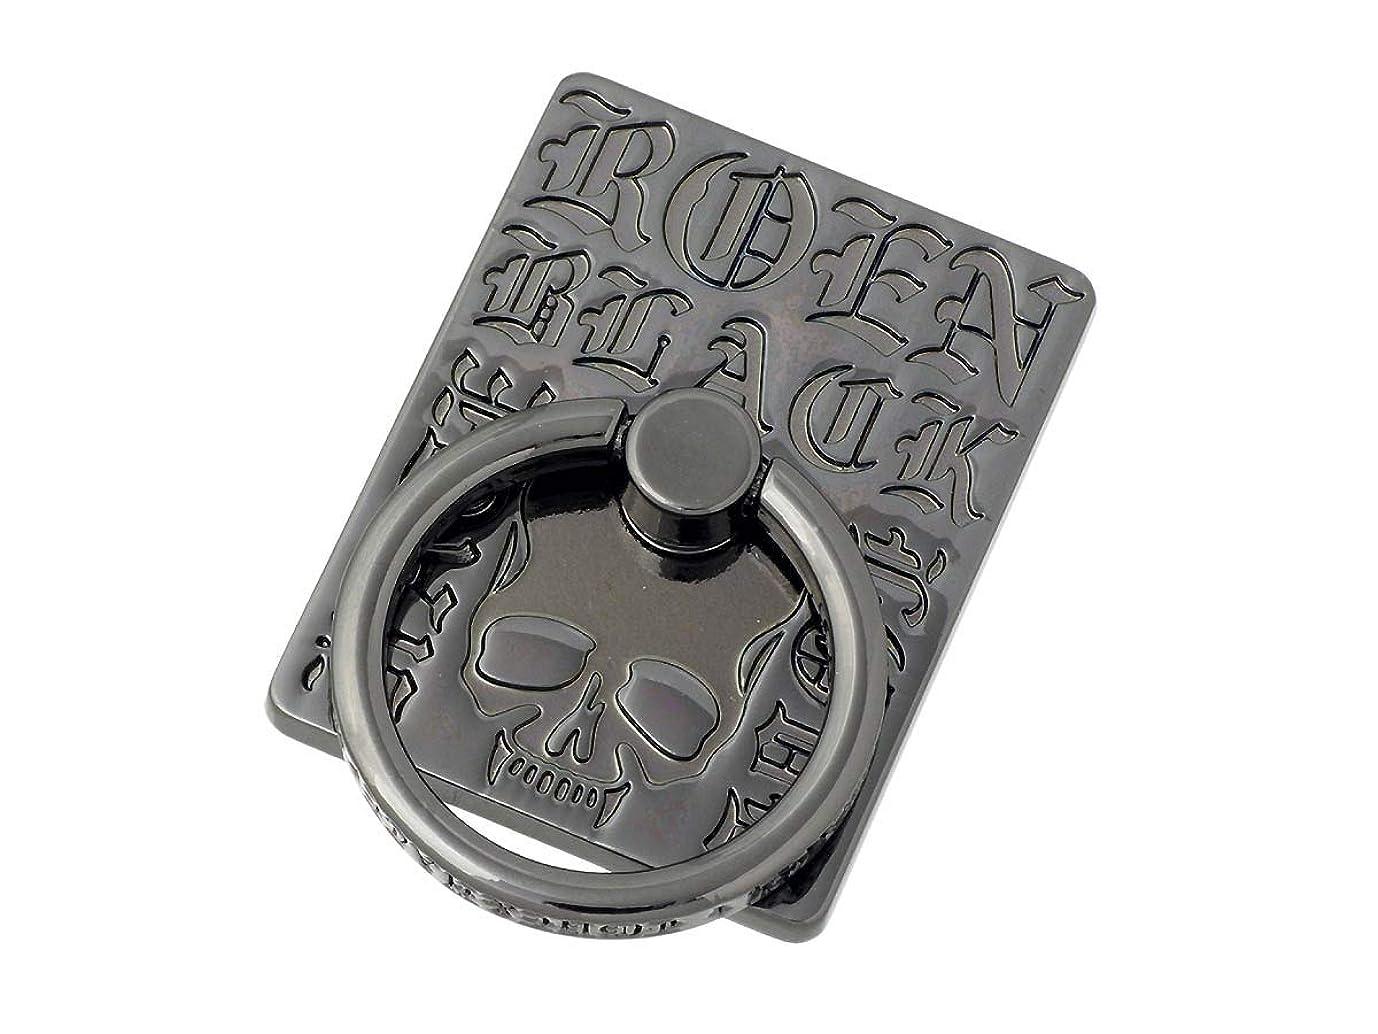 マウントしみインタフェースRoenBLACK ロエンブラック スマホリング スマホスタンド ホールドリング スマートフォン アクセサリー ROSR-104